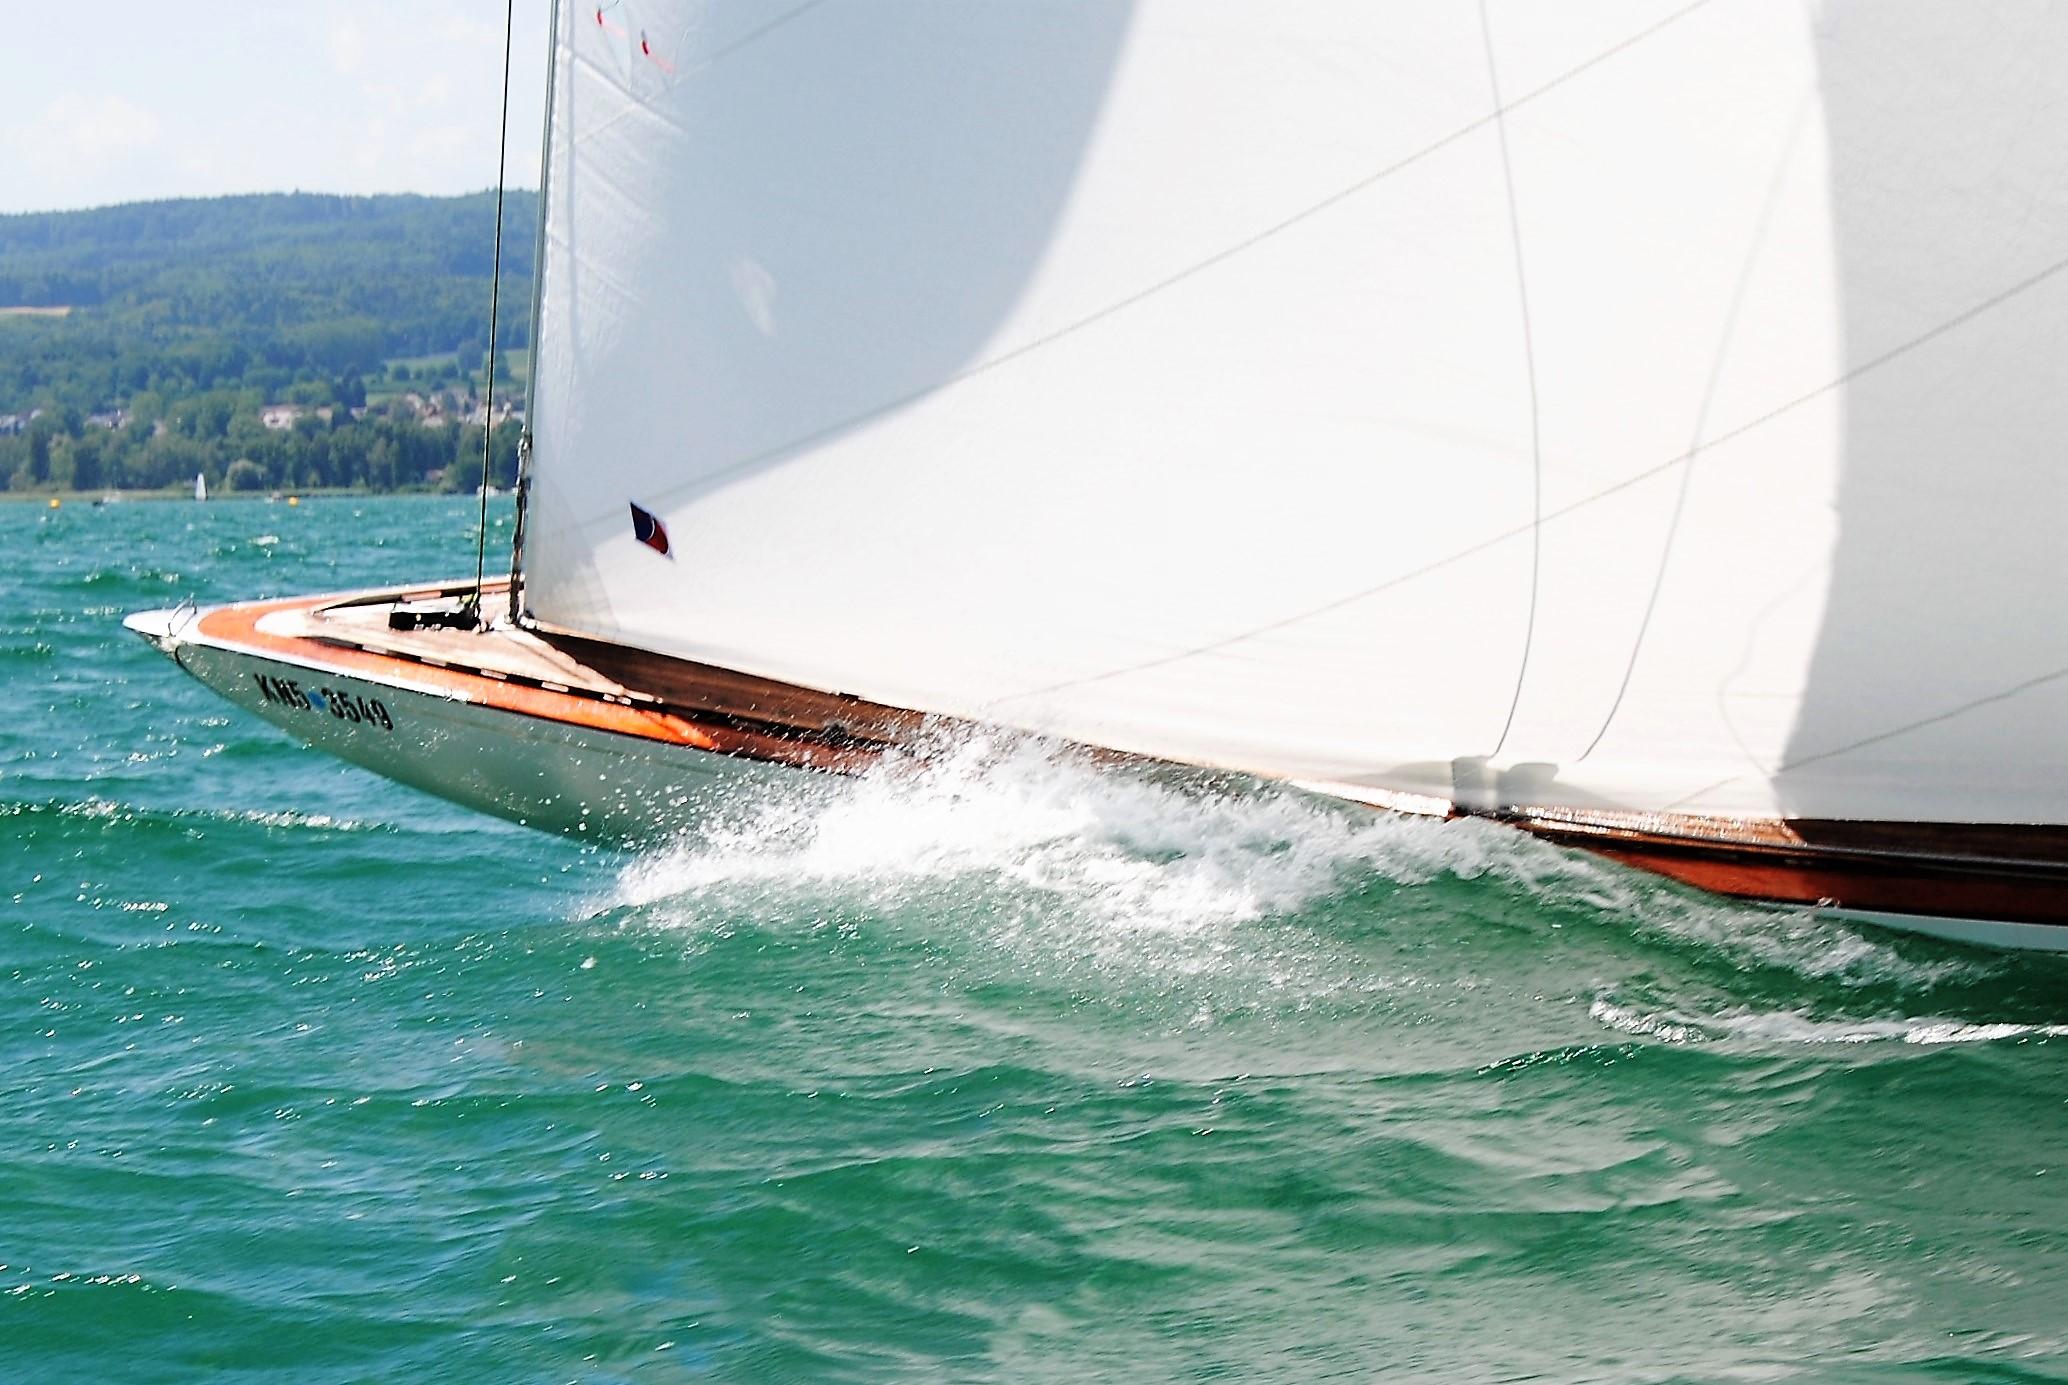 Wetterstation Standort Hafeneinfahrt Ycra Yacht Club Radolfzell E V